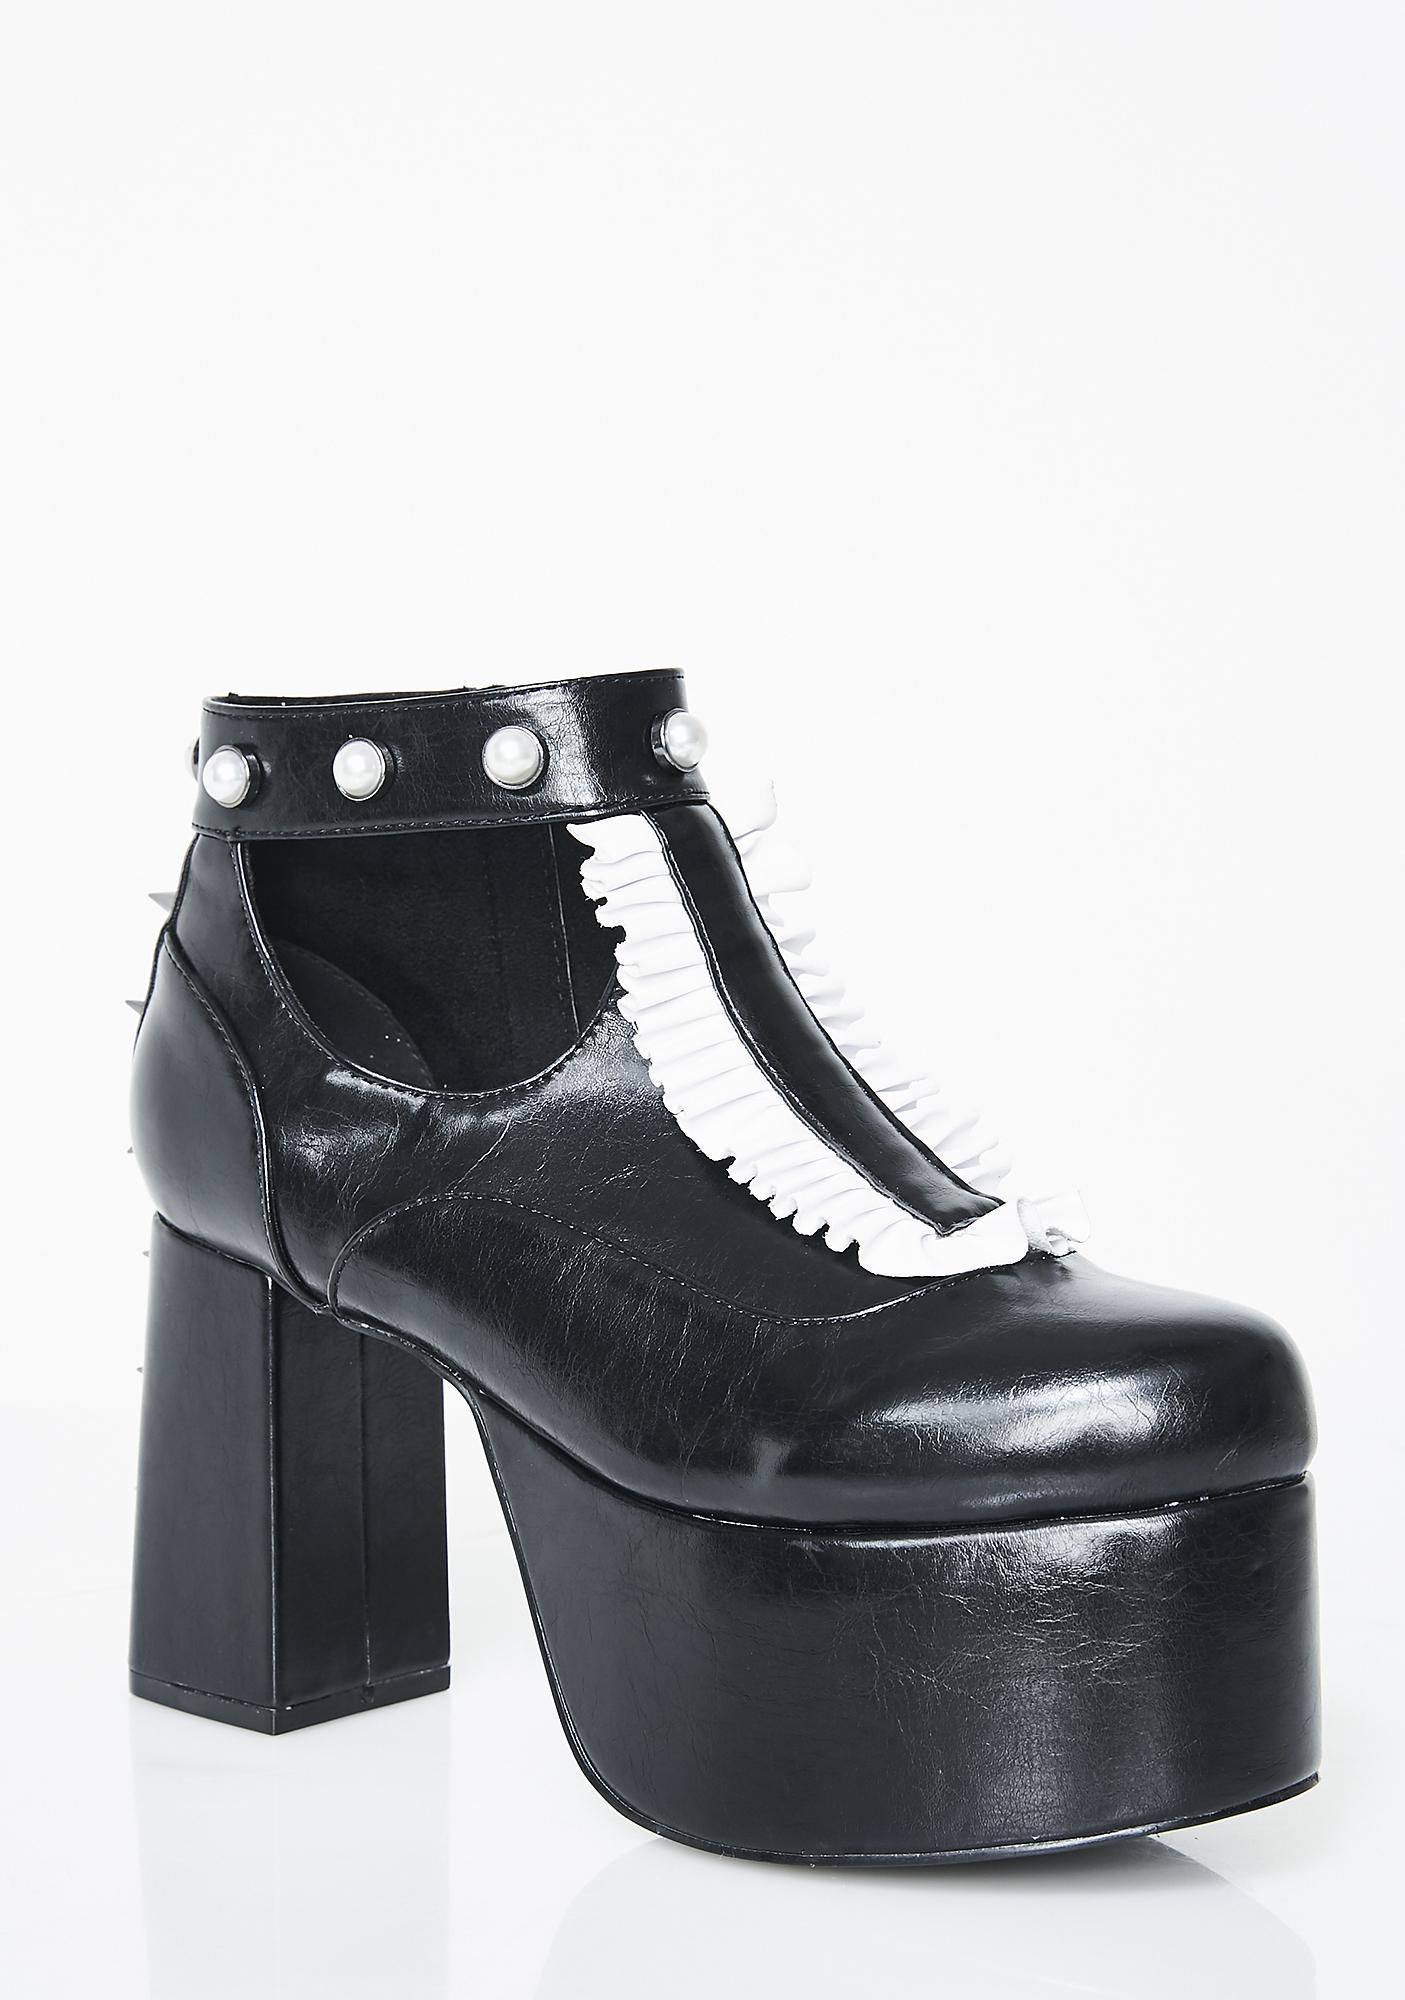 Disturbia Lolita Platform Shoes